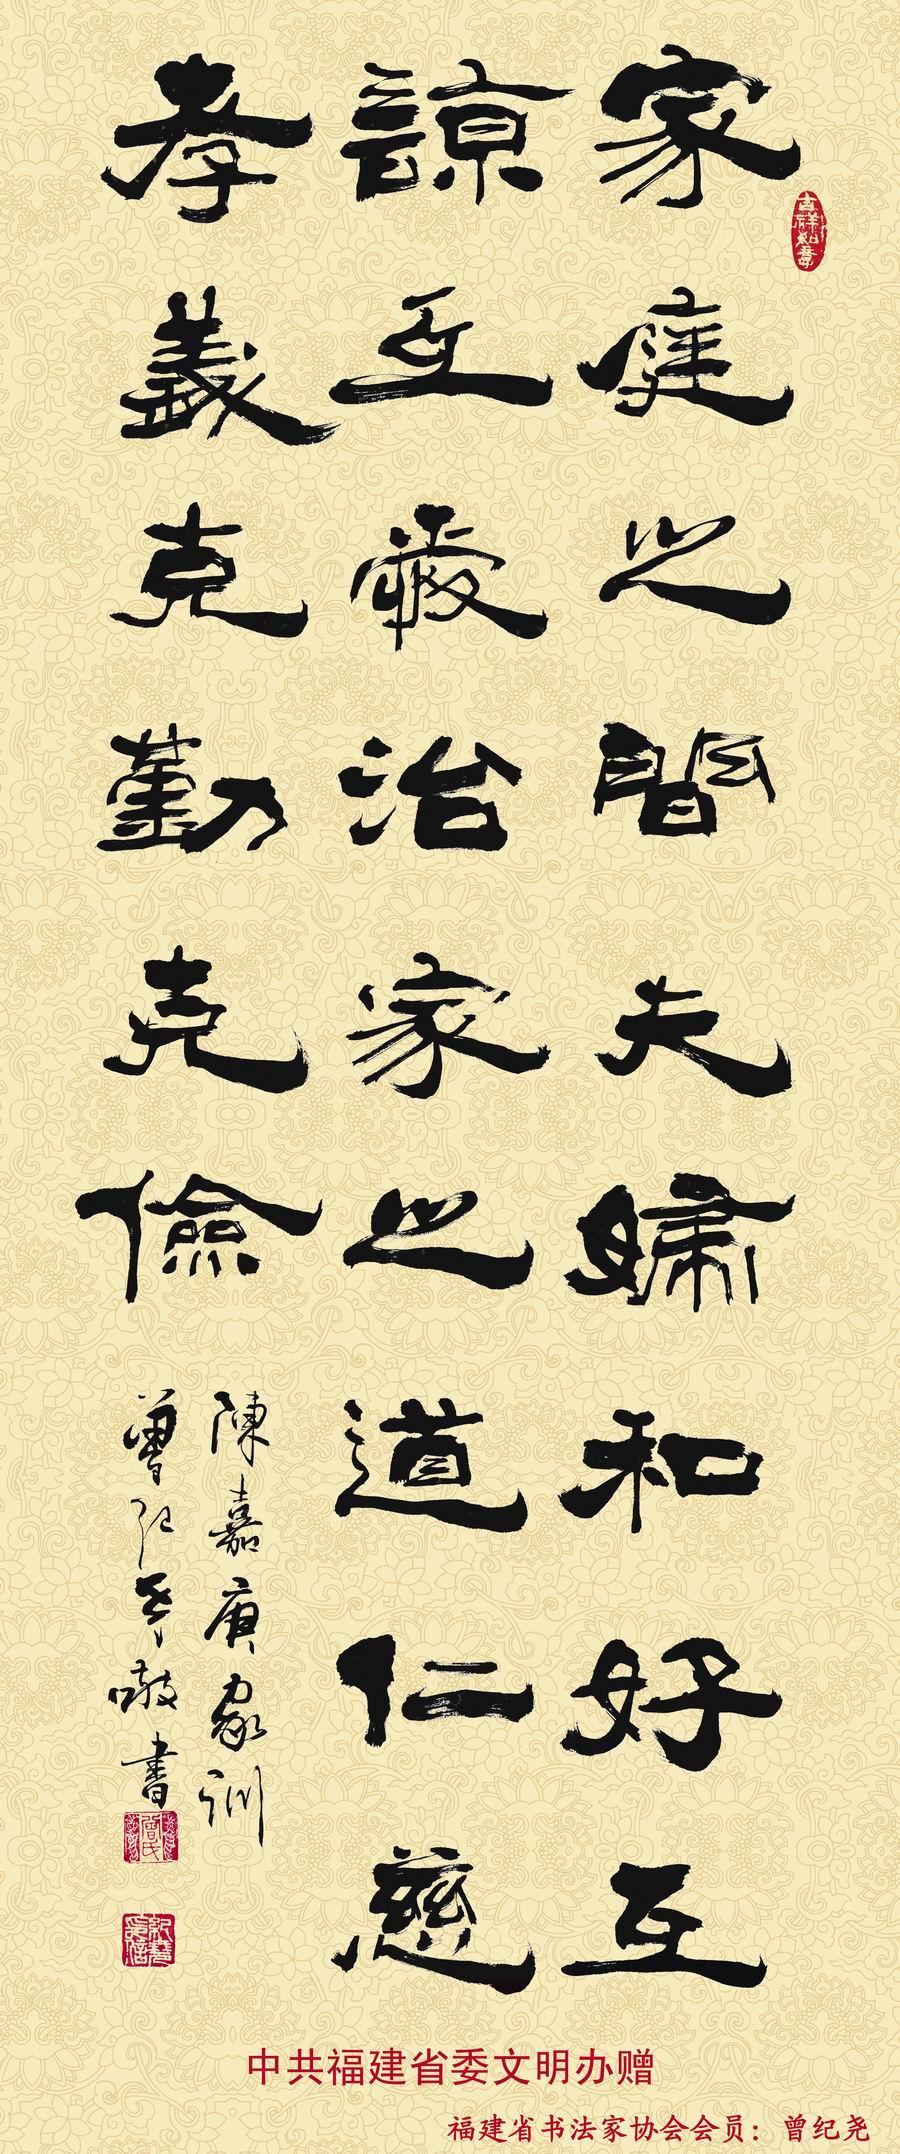 福建省印发名人家训书法作品供群众张贴悬挂图片